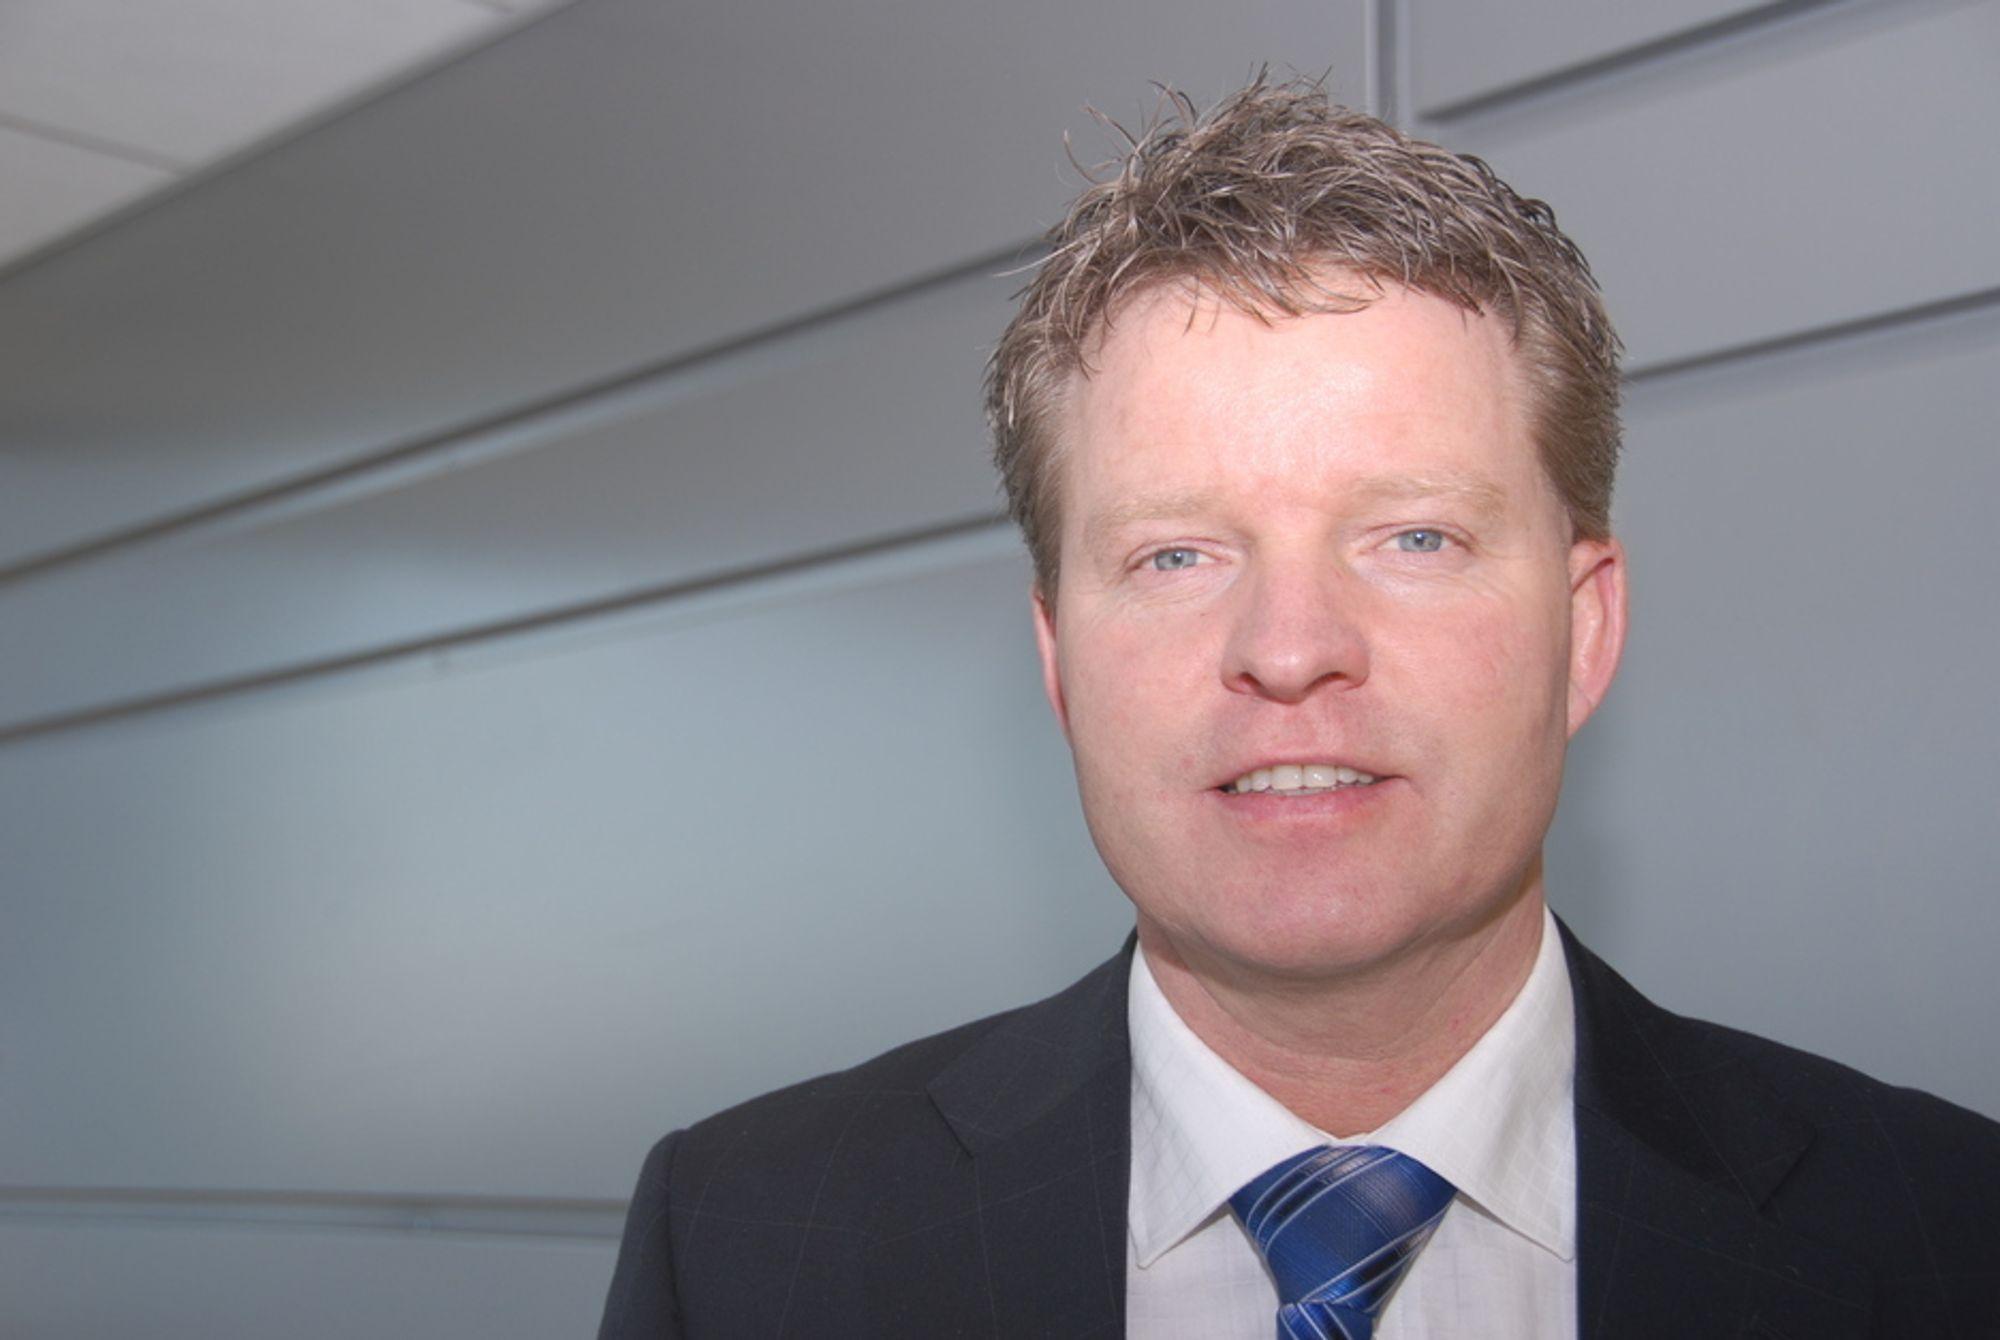 EKSISTERENDE BYGG: Runar Hansesætre, administrerende direktør i Schneider Electric er opptatt av at det blir tilstrekkelgi fokus på enerigsparing i eksisterende bygg.